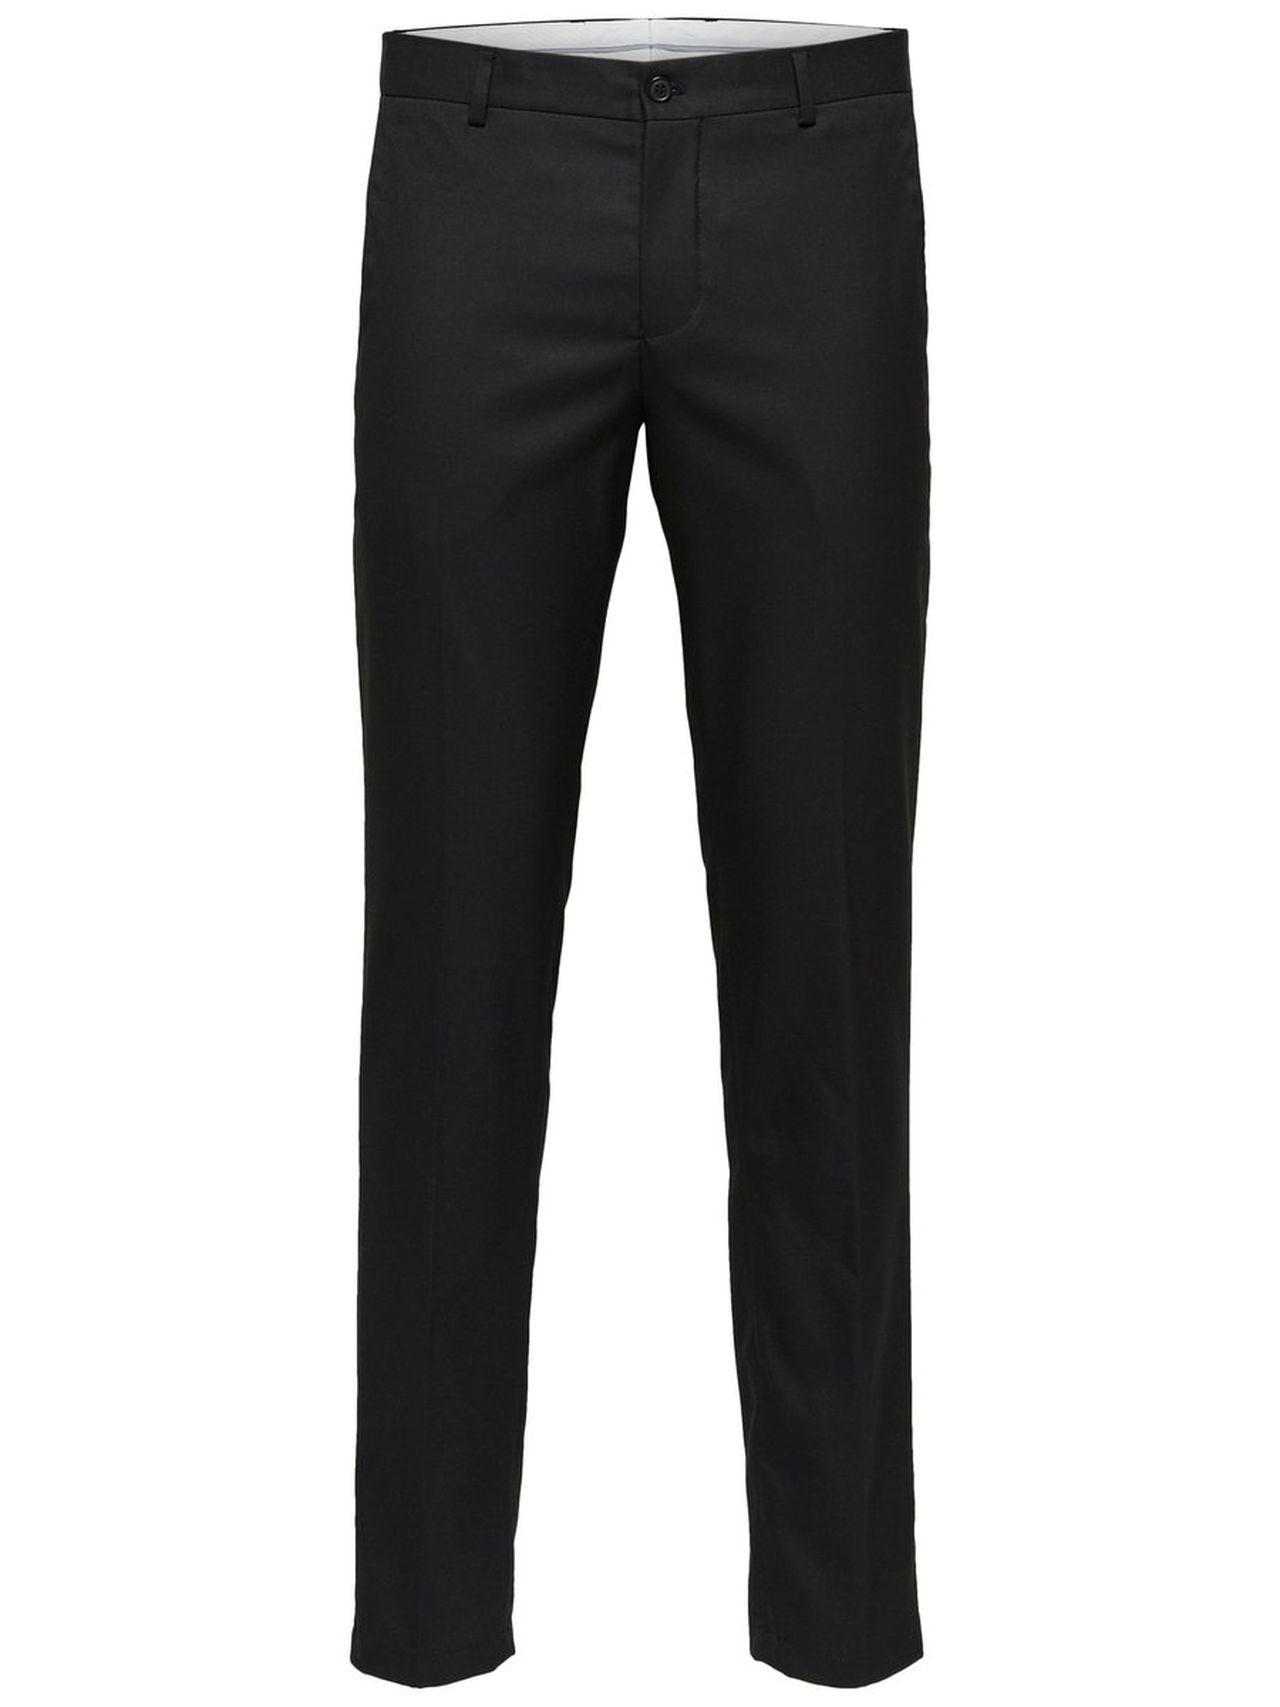 SELECTED Slim Fit – Trousers Man Svart